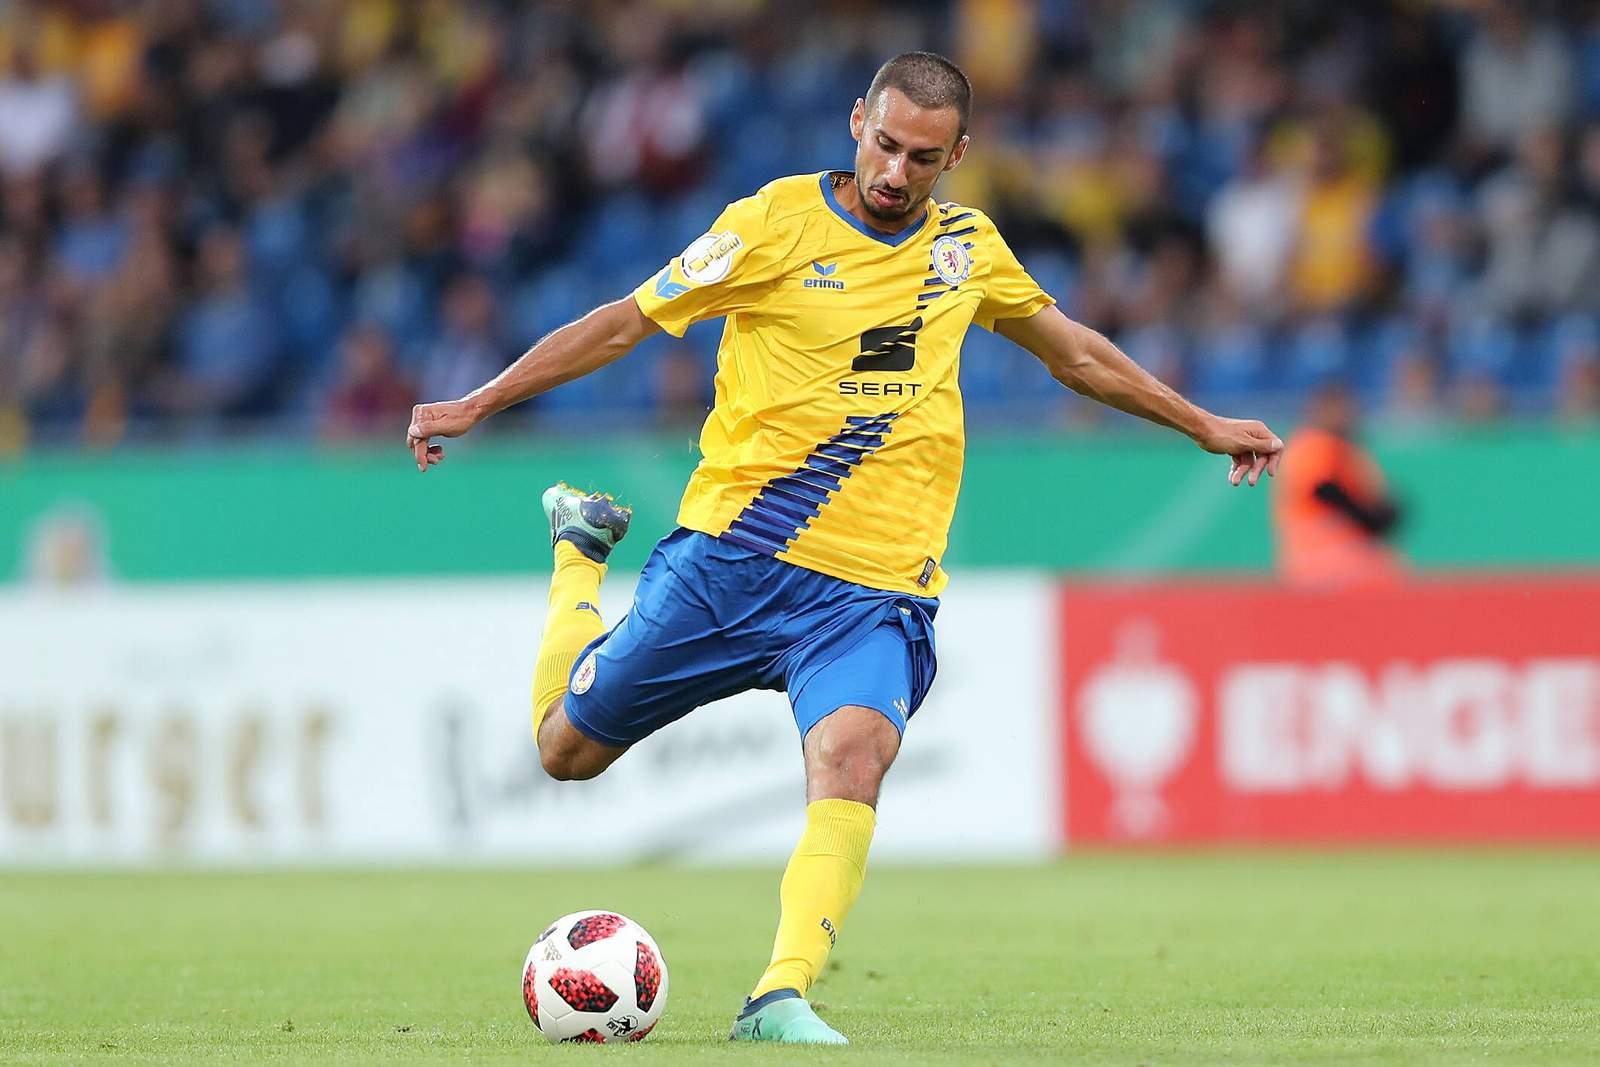 Onur Bulut zieht ab. Jetzt auf Braunschweig gegen Fortuna Köln wetten.